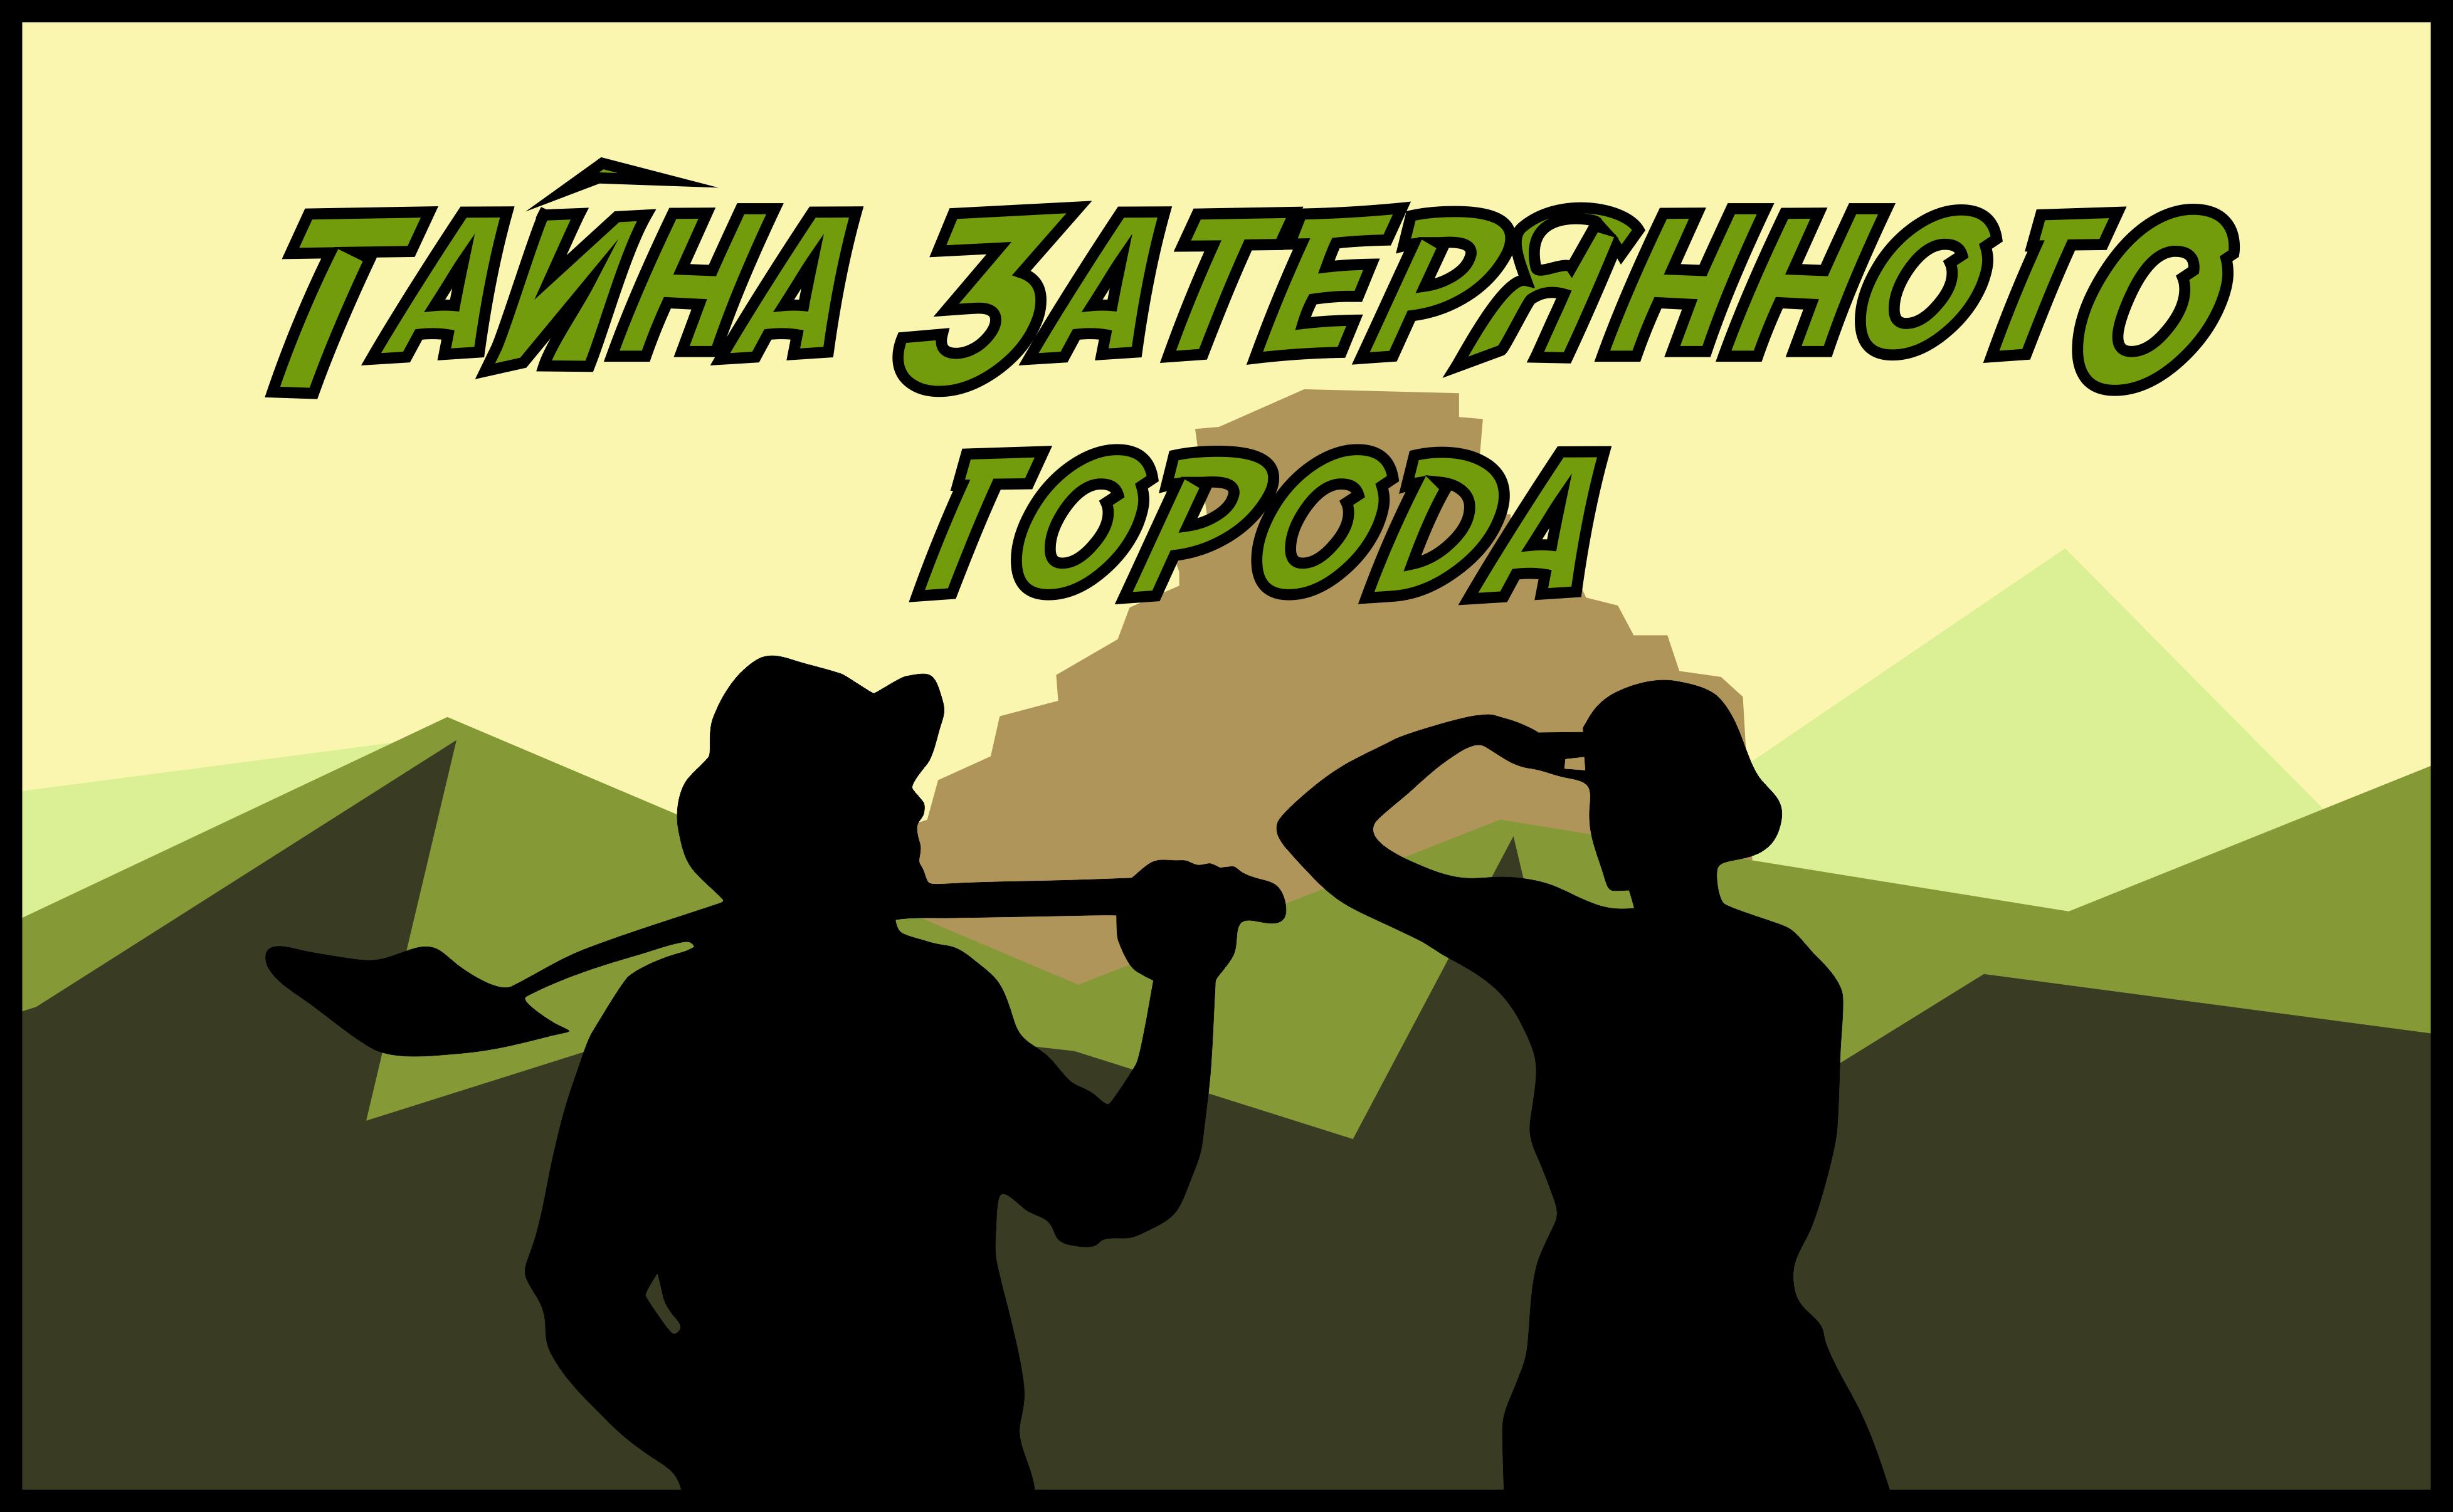 Разработка логотипа и шрифтов для Квеста  фото f_4025b4235d430845.png